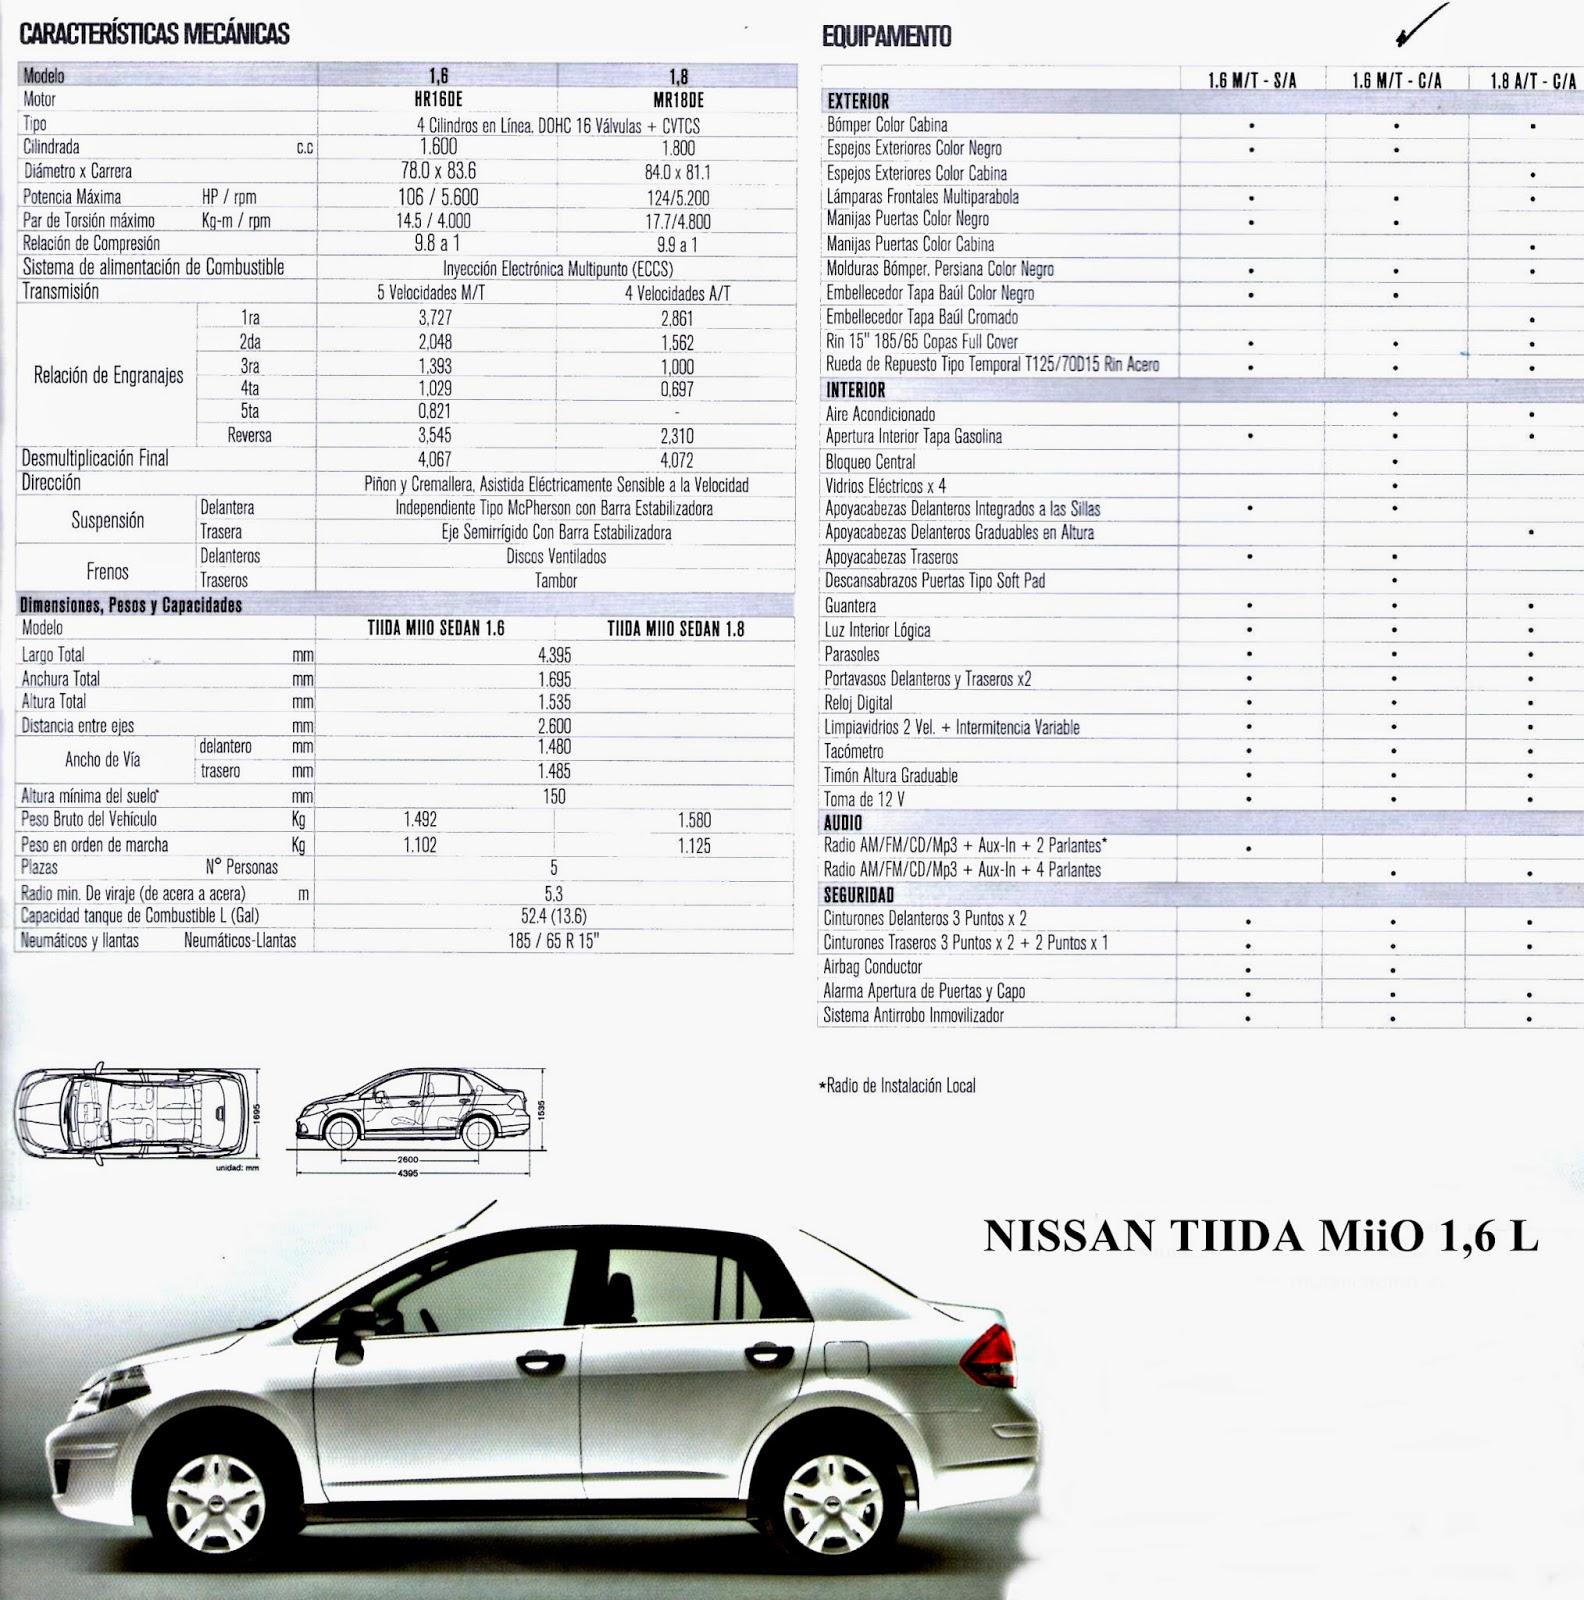 Ficha técnica Nissan TIIDA Miio 1,6 L - Automóviles y motocicletas